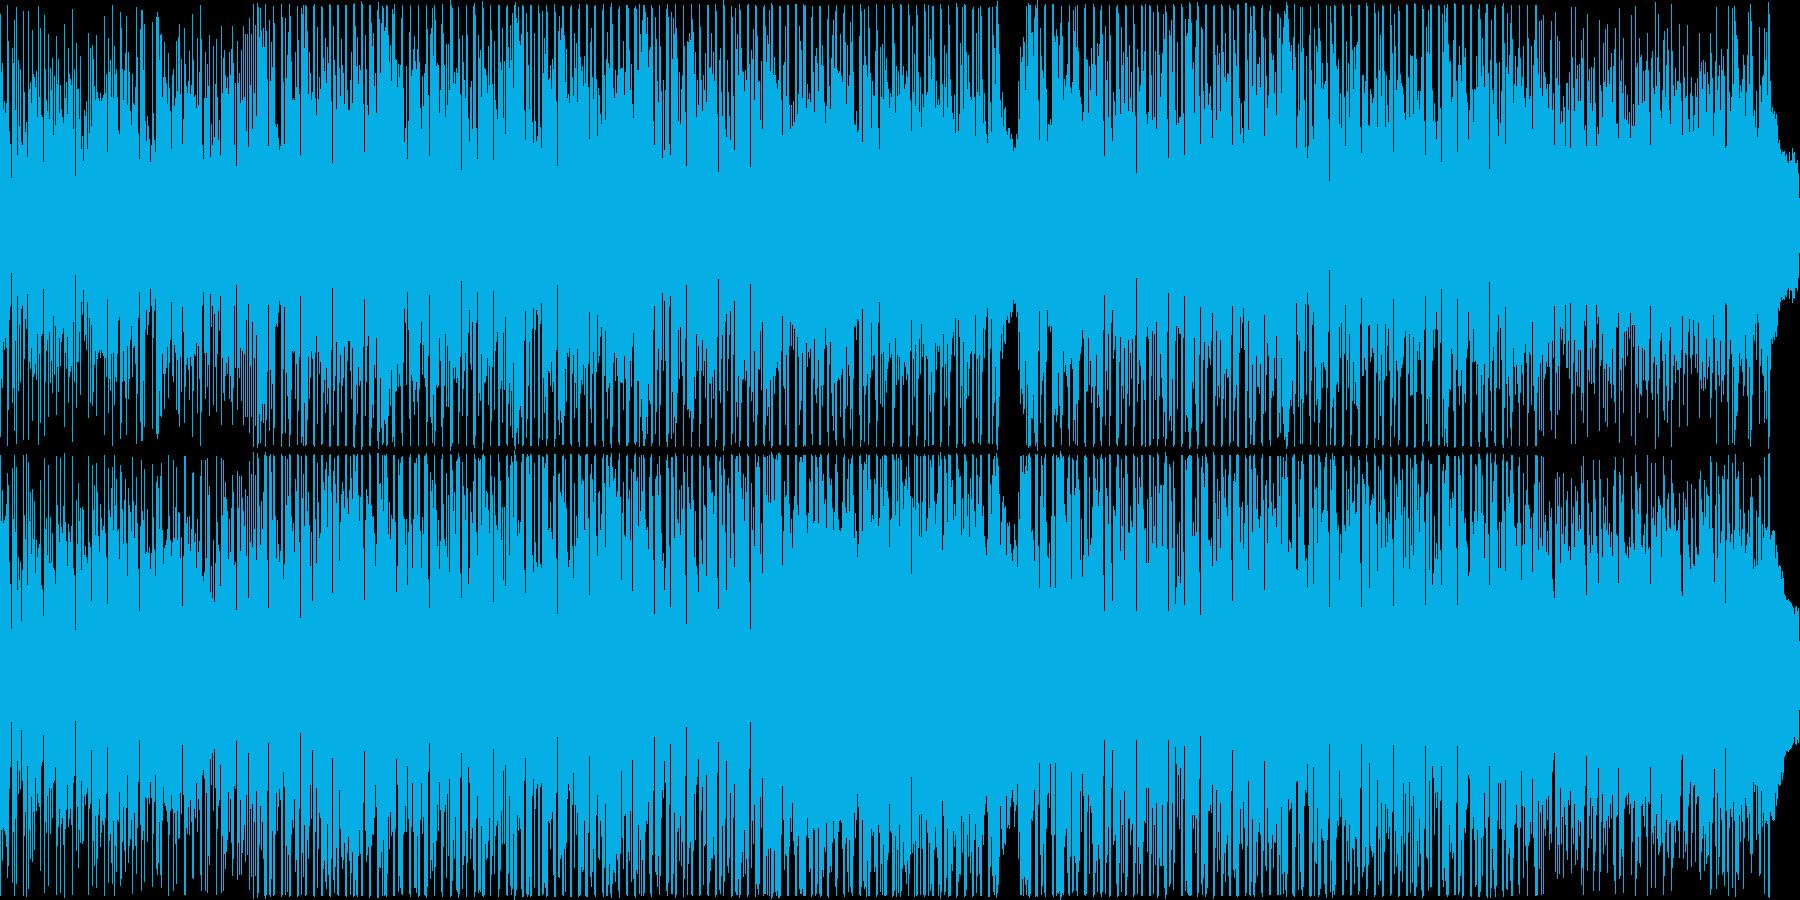 ノリの良い天気予報・ニュース ループ可の再生済みの波形